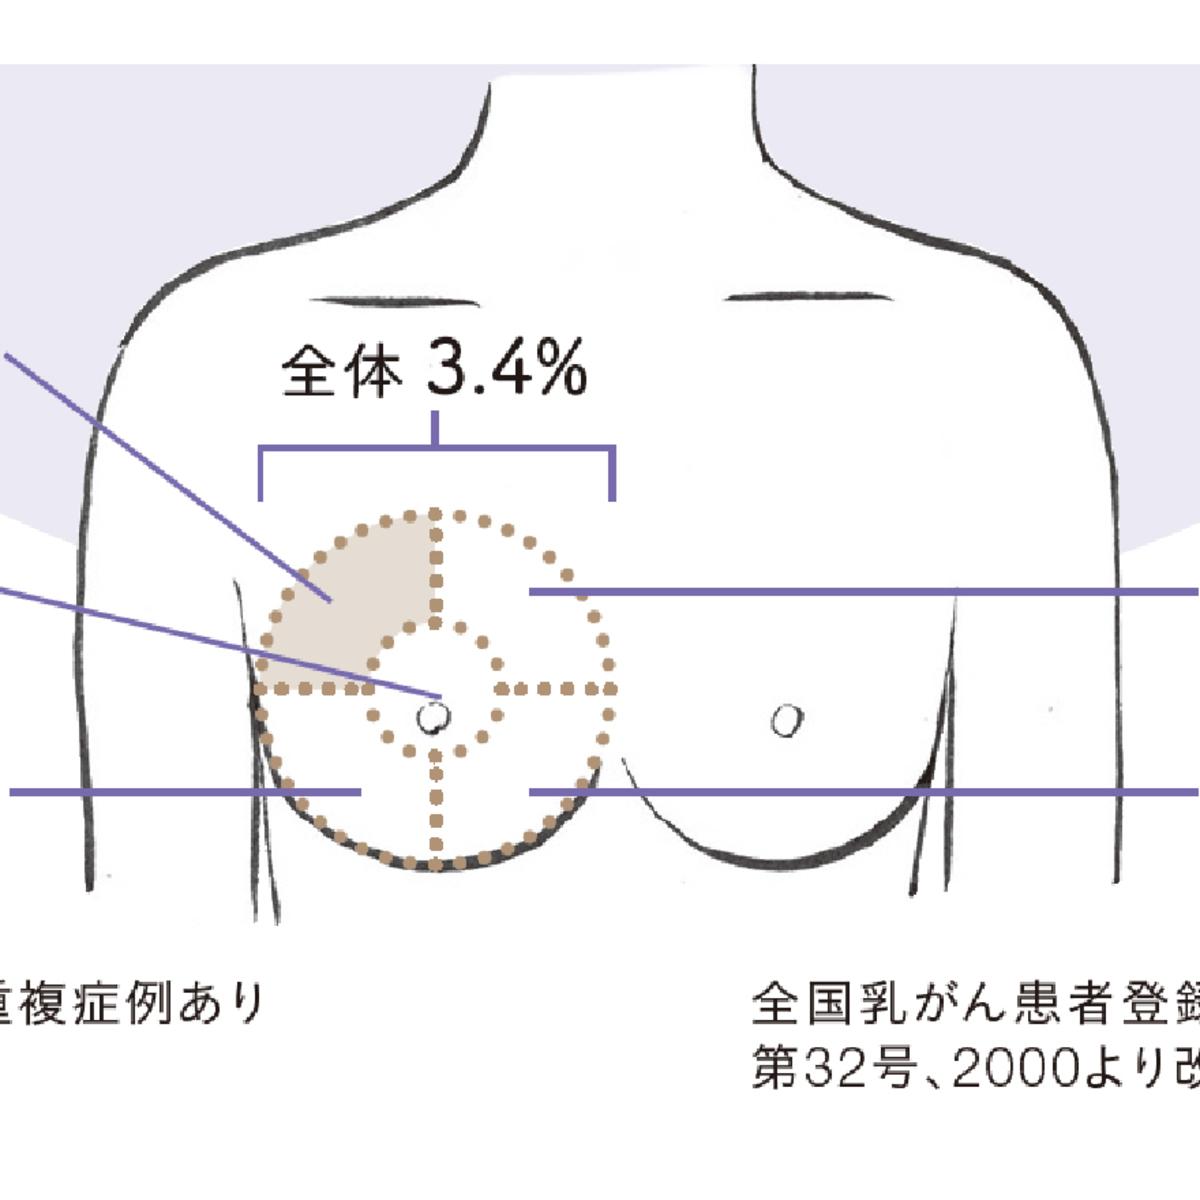 胸 痛む 左 が 胸(右胸・左胸・真ん中)がズキズキ痛む原因と対処法